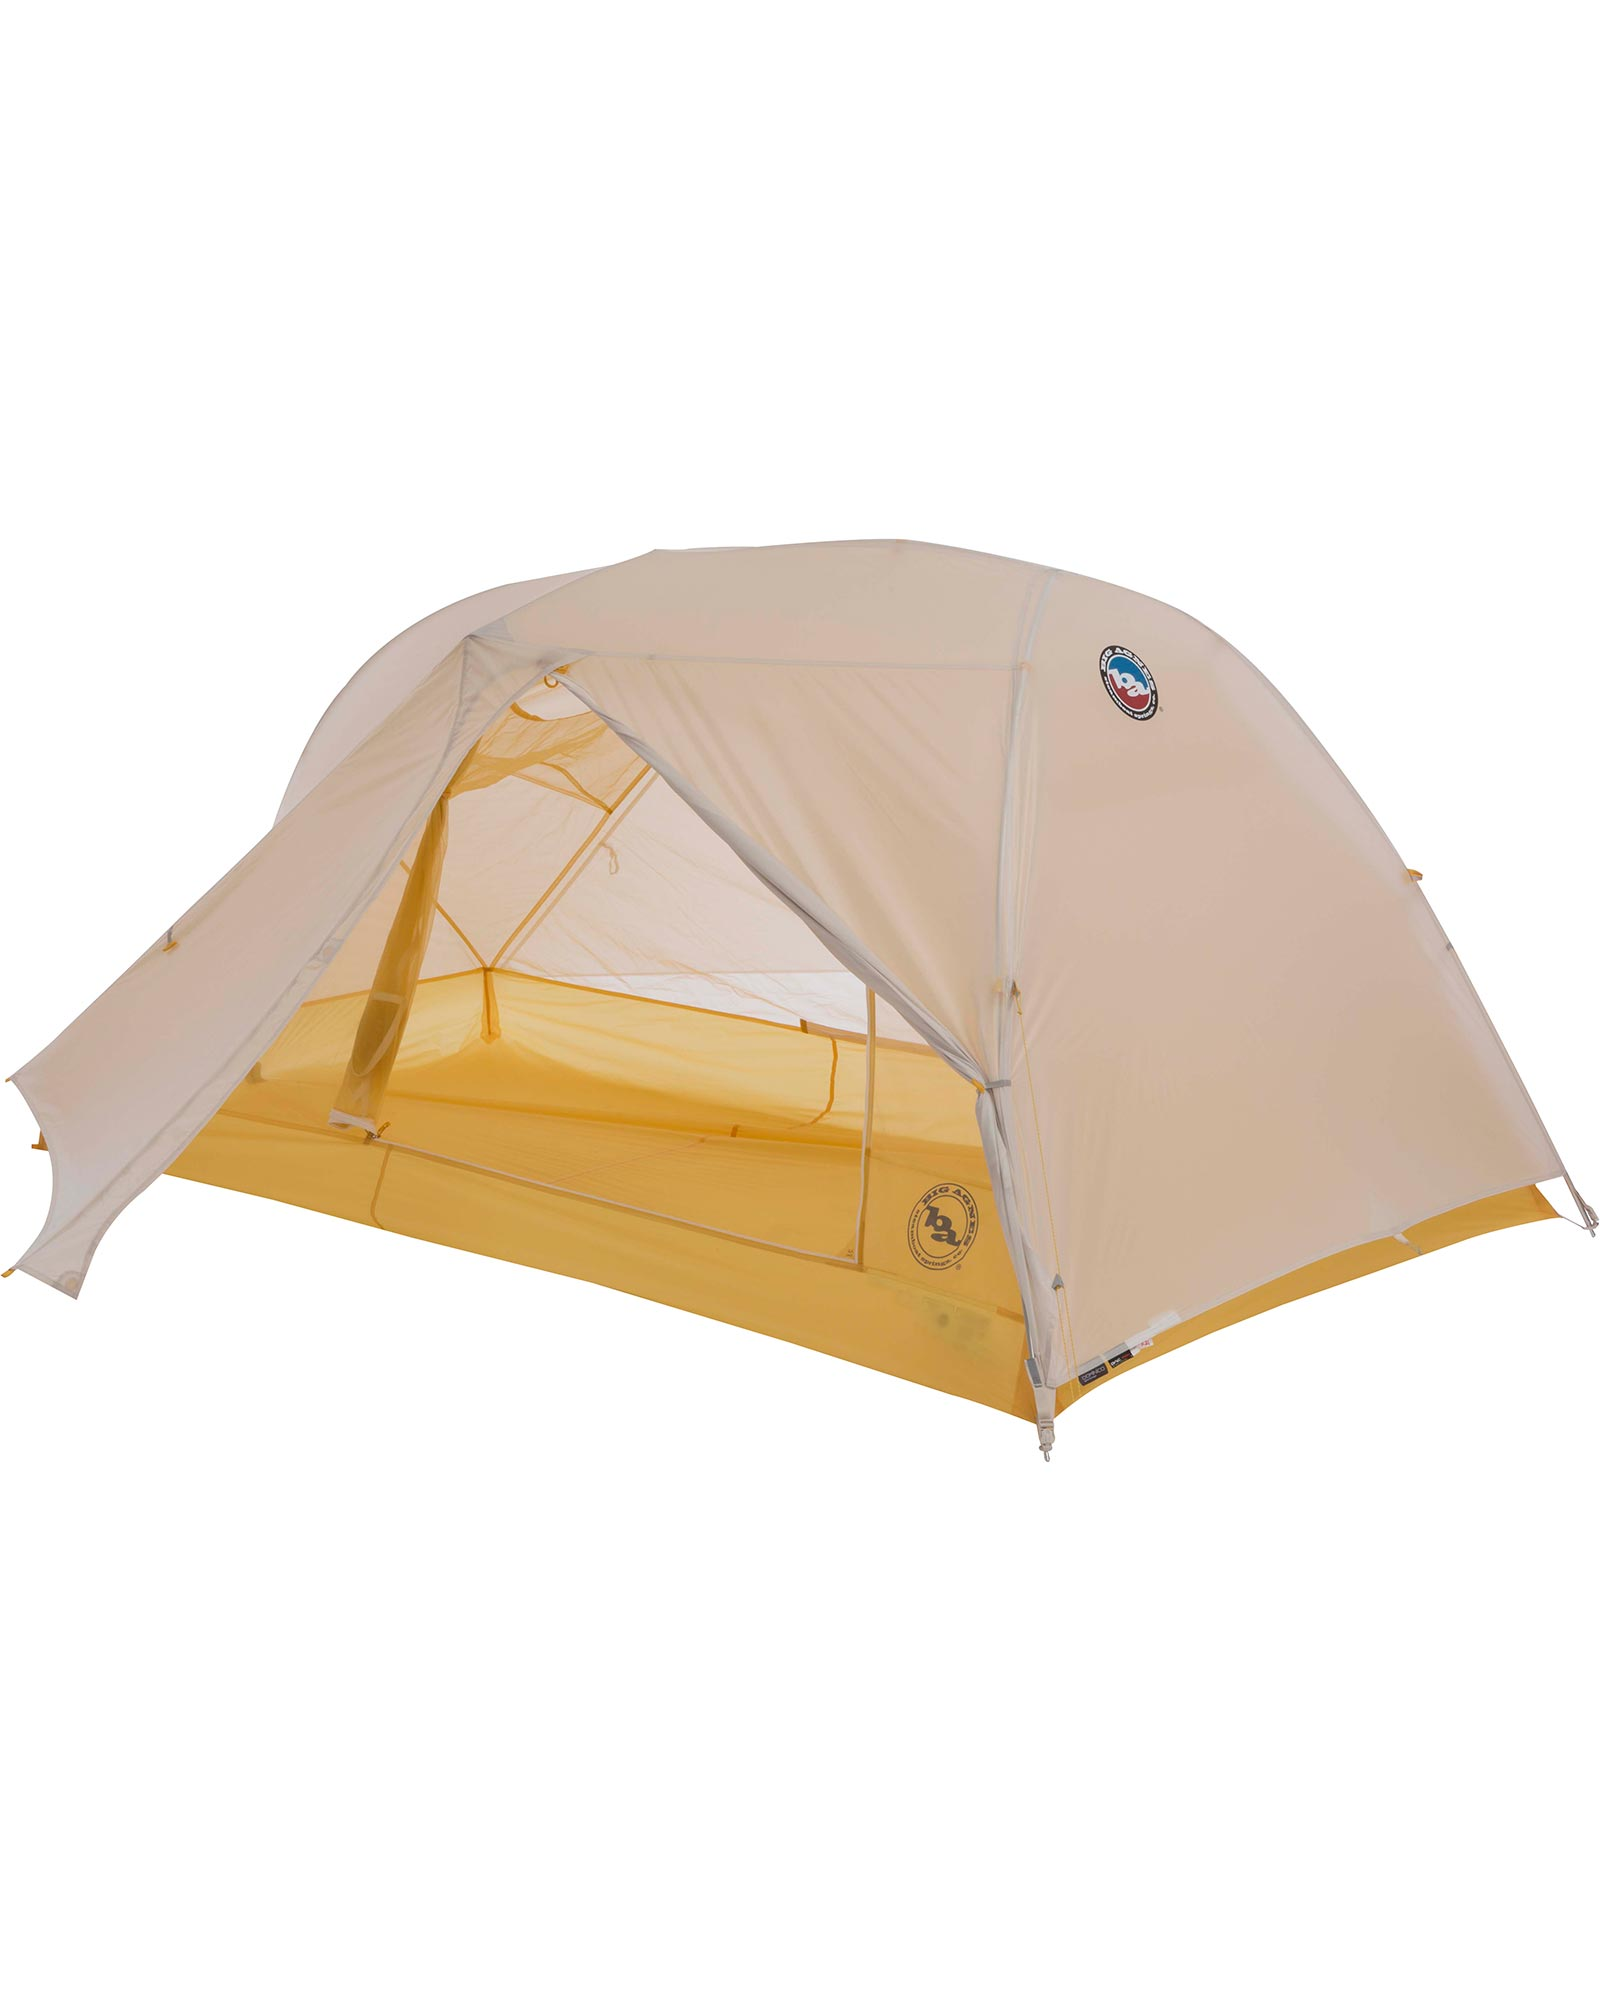 Big Agnes Tiger Wall UL2 Tent 0